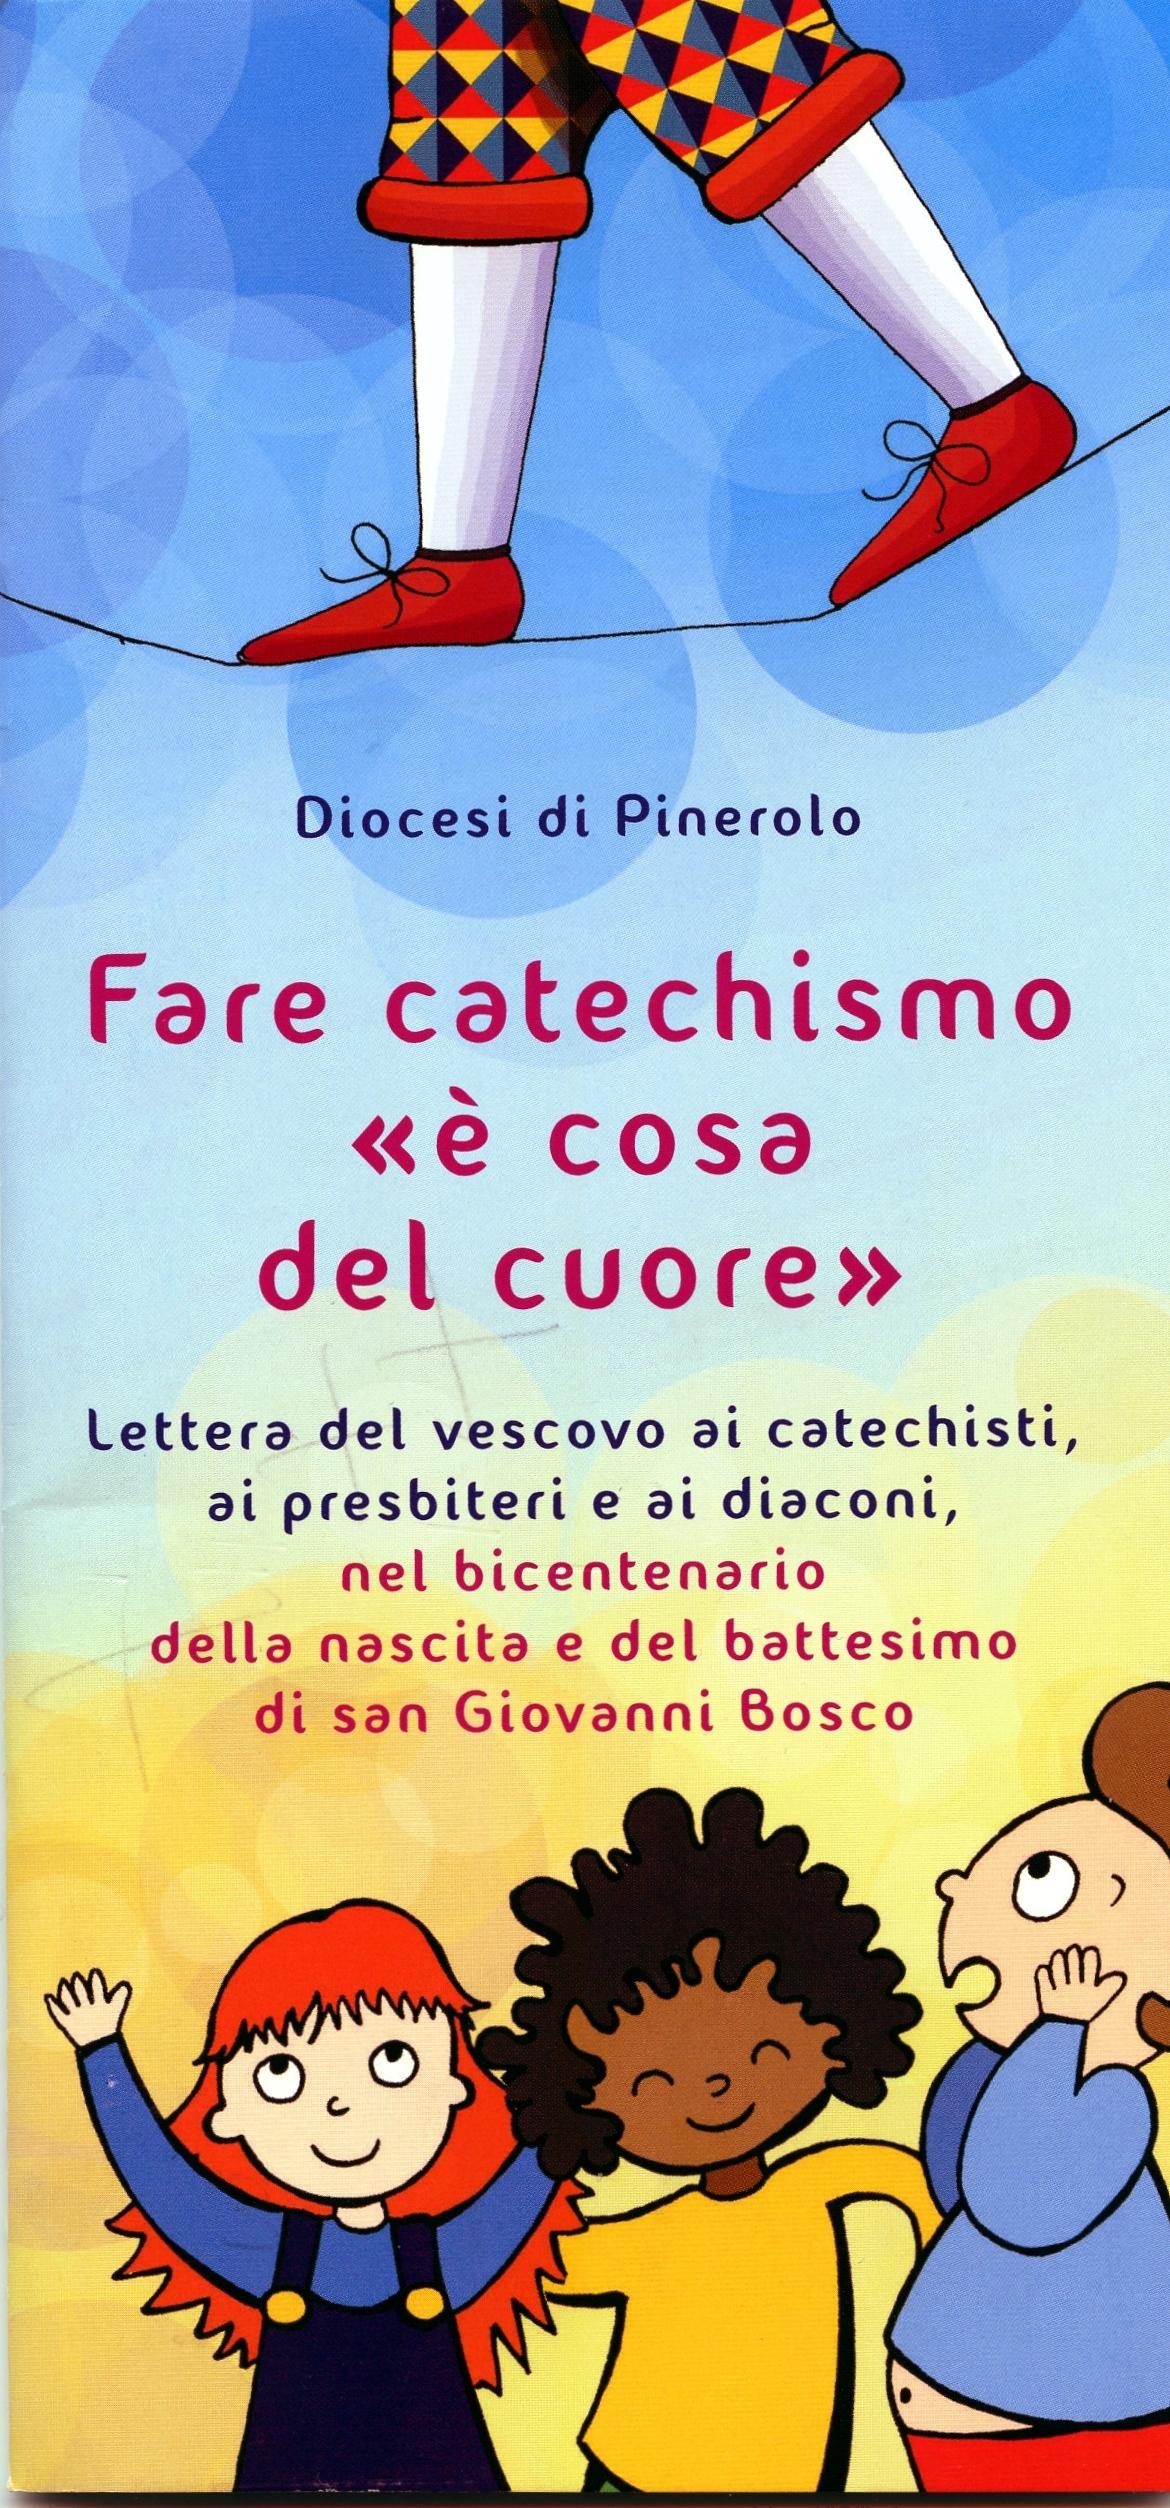 Catechisti nel nome di don Bosco